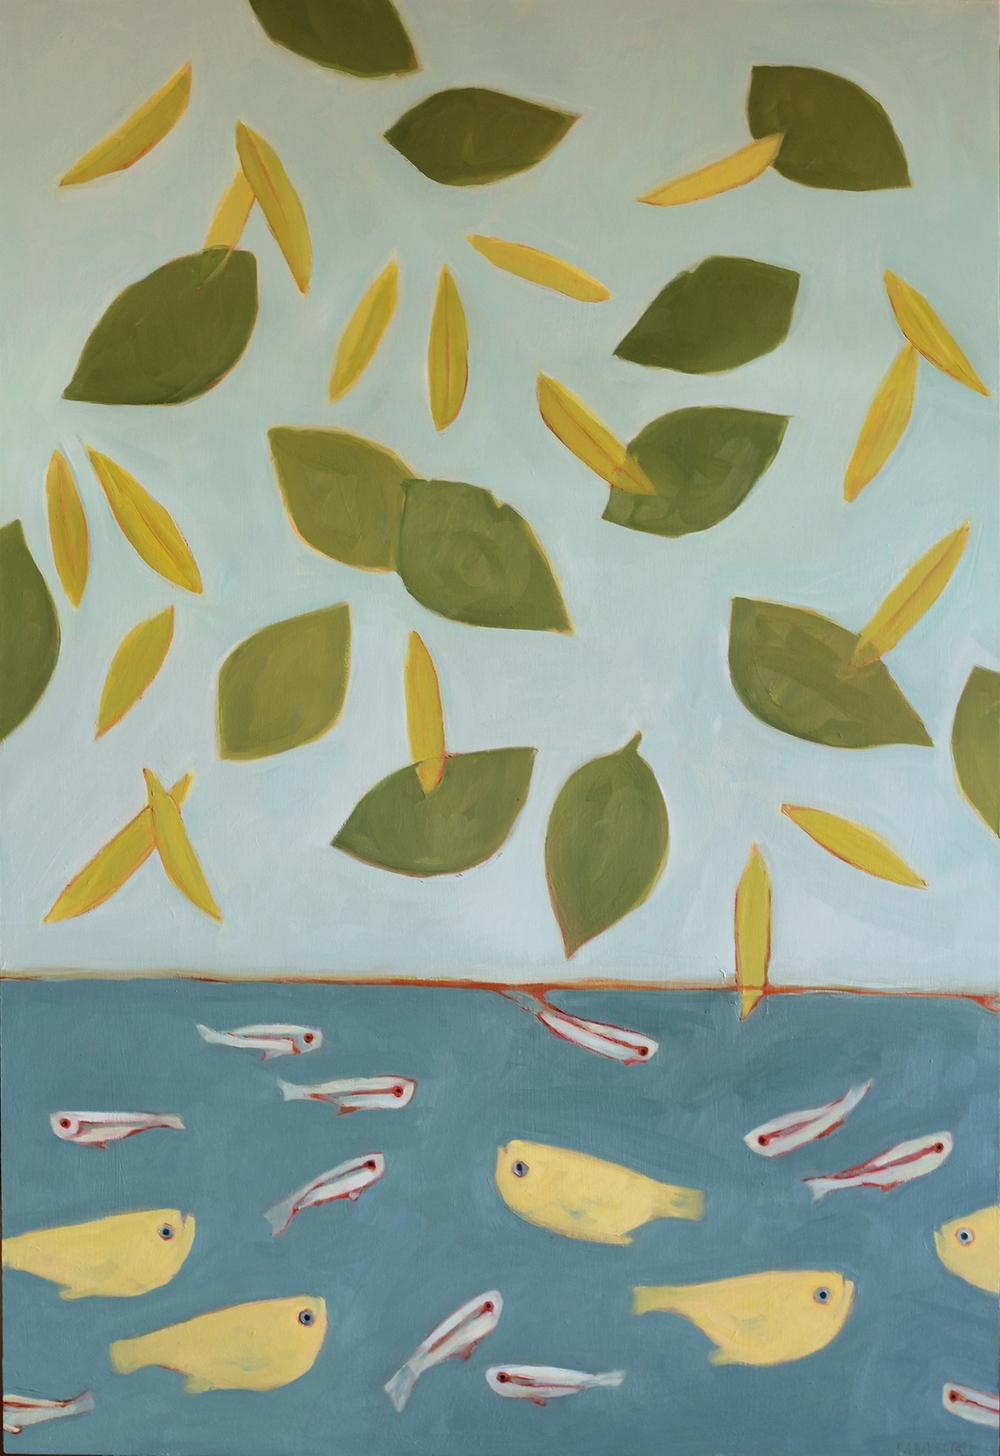 Leaves & Fish III